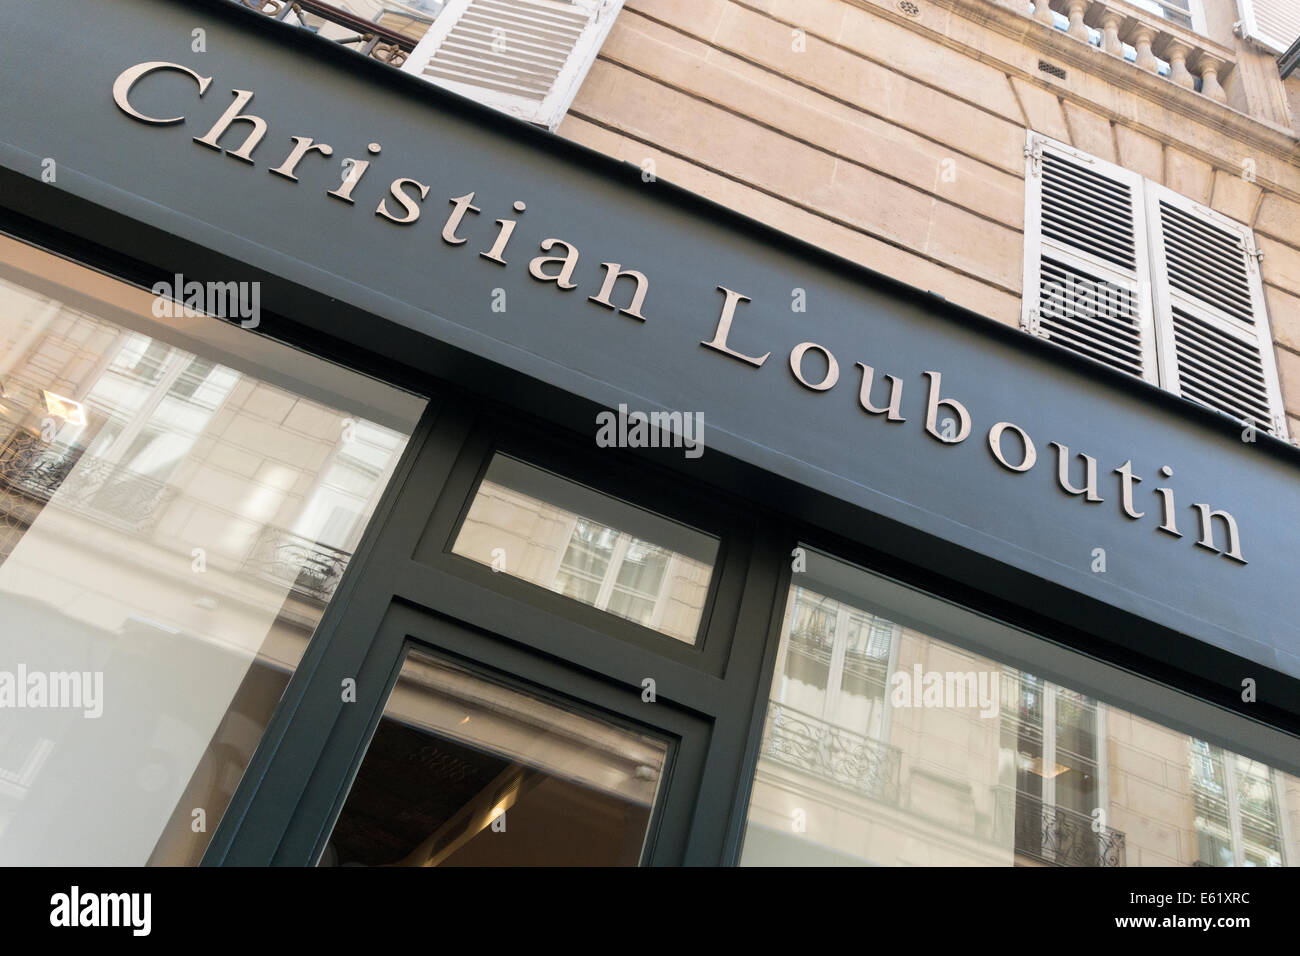 christian louboutin shoes paris store